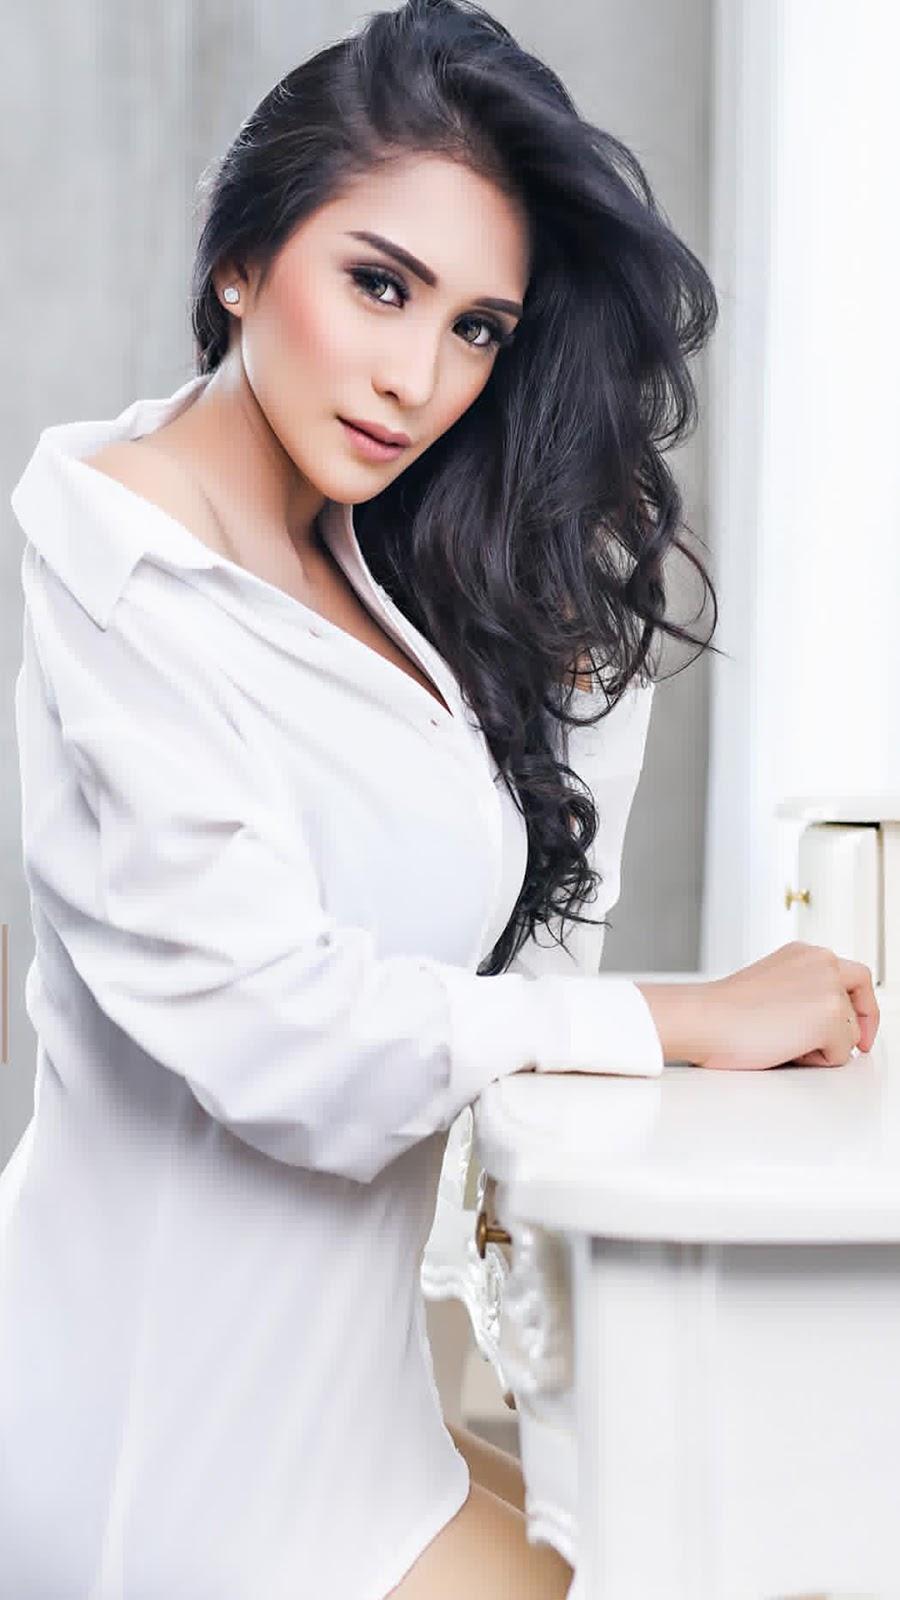 Harga jual online HEM kemeja putih seksi wallpaper terbaru Nadia Ervina Aka DJ Bibie Julius